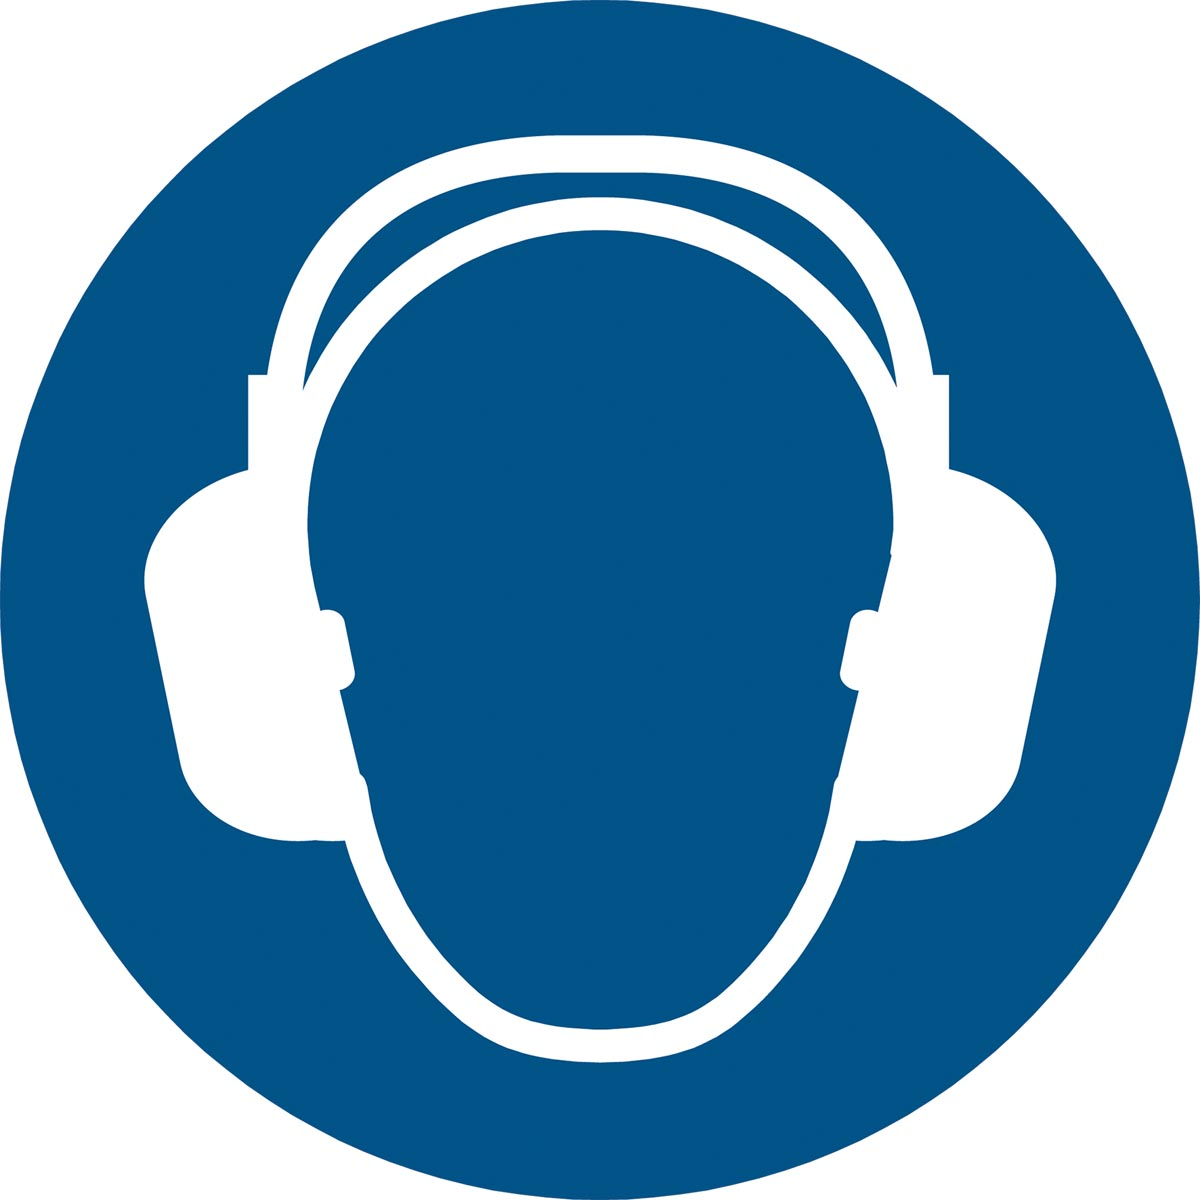 Tarifold gebodsbord uit PP, gehoorbescherming verplicht, diameter 20 cm